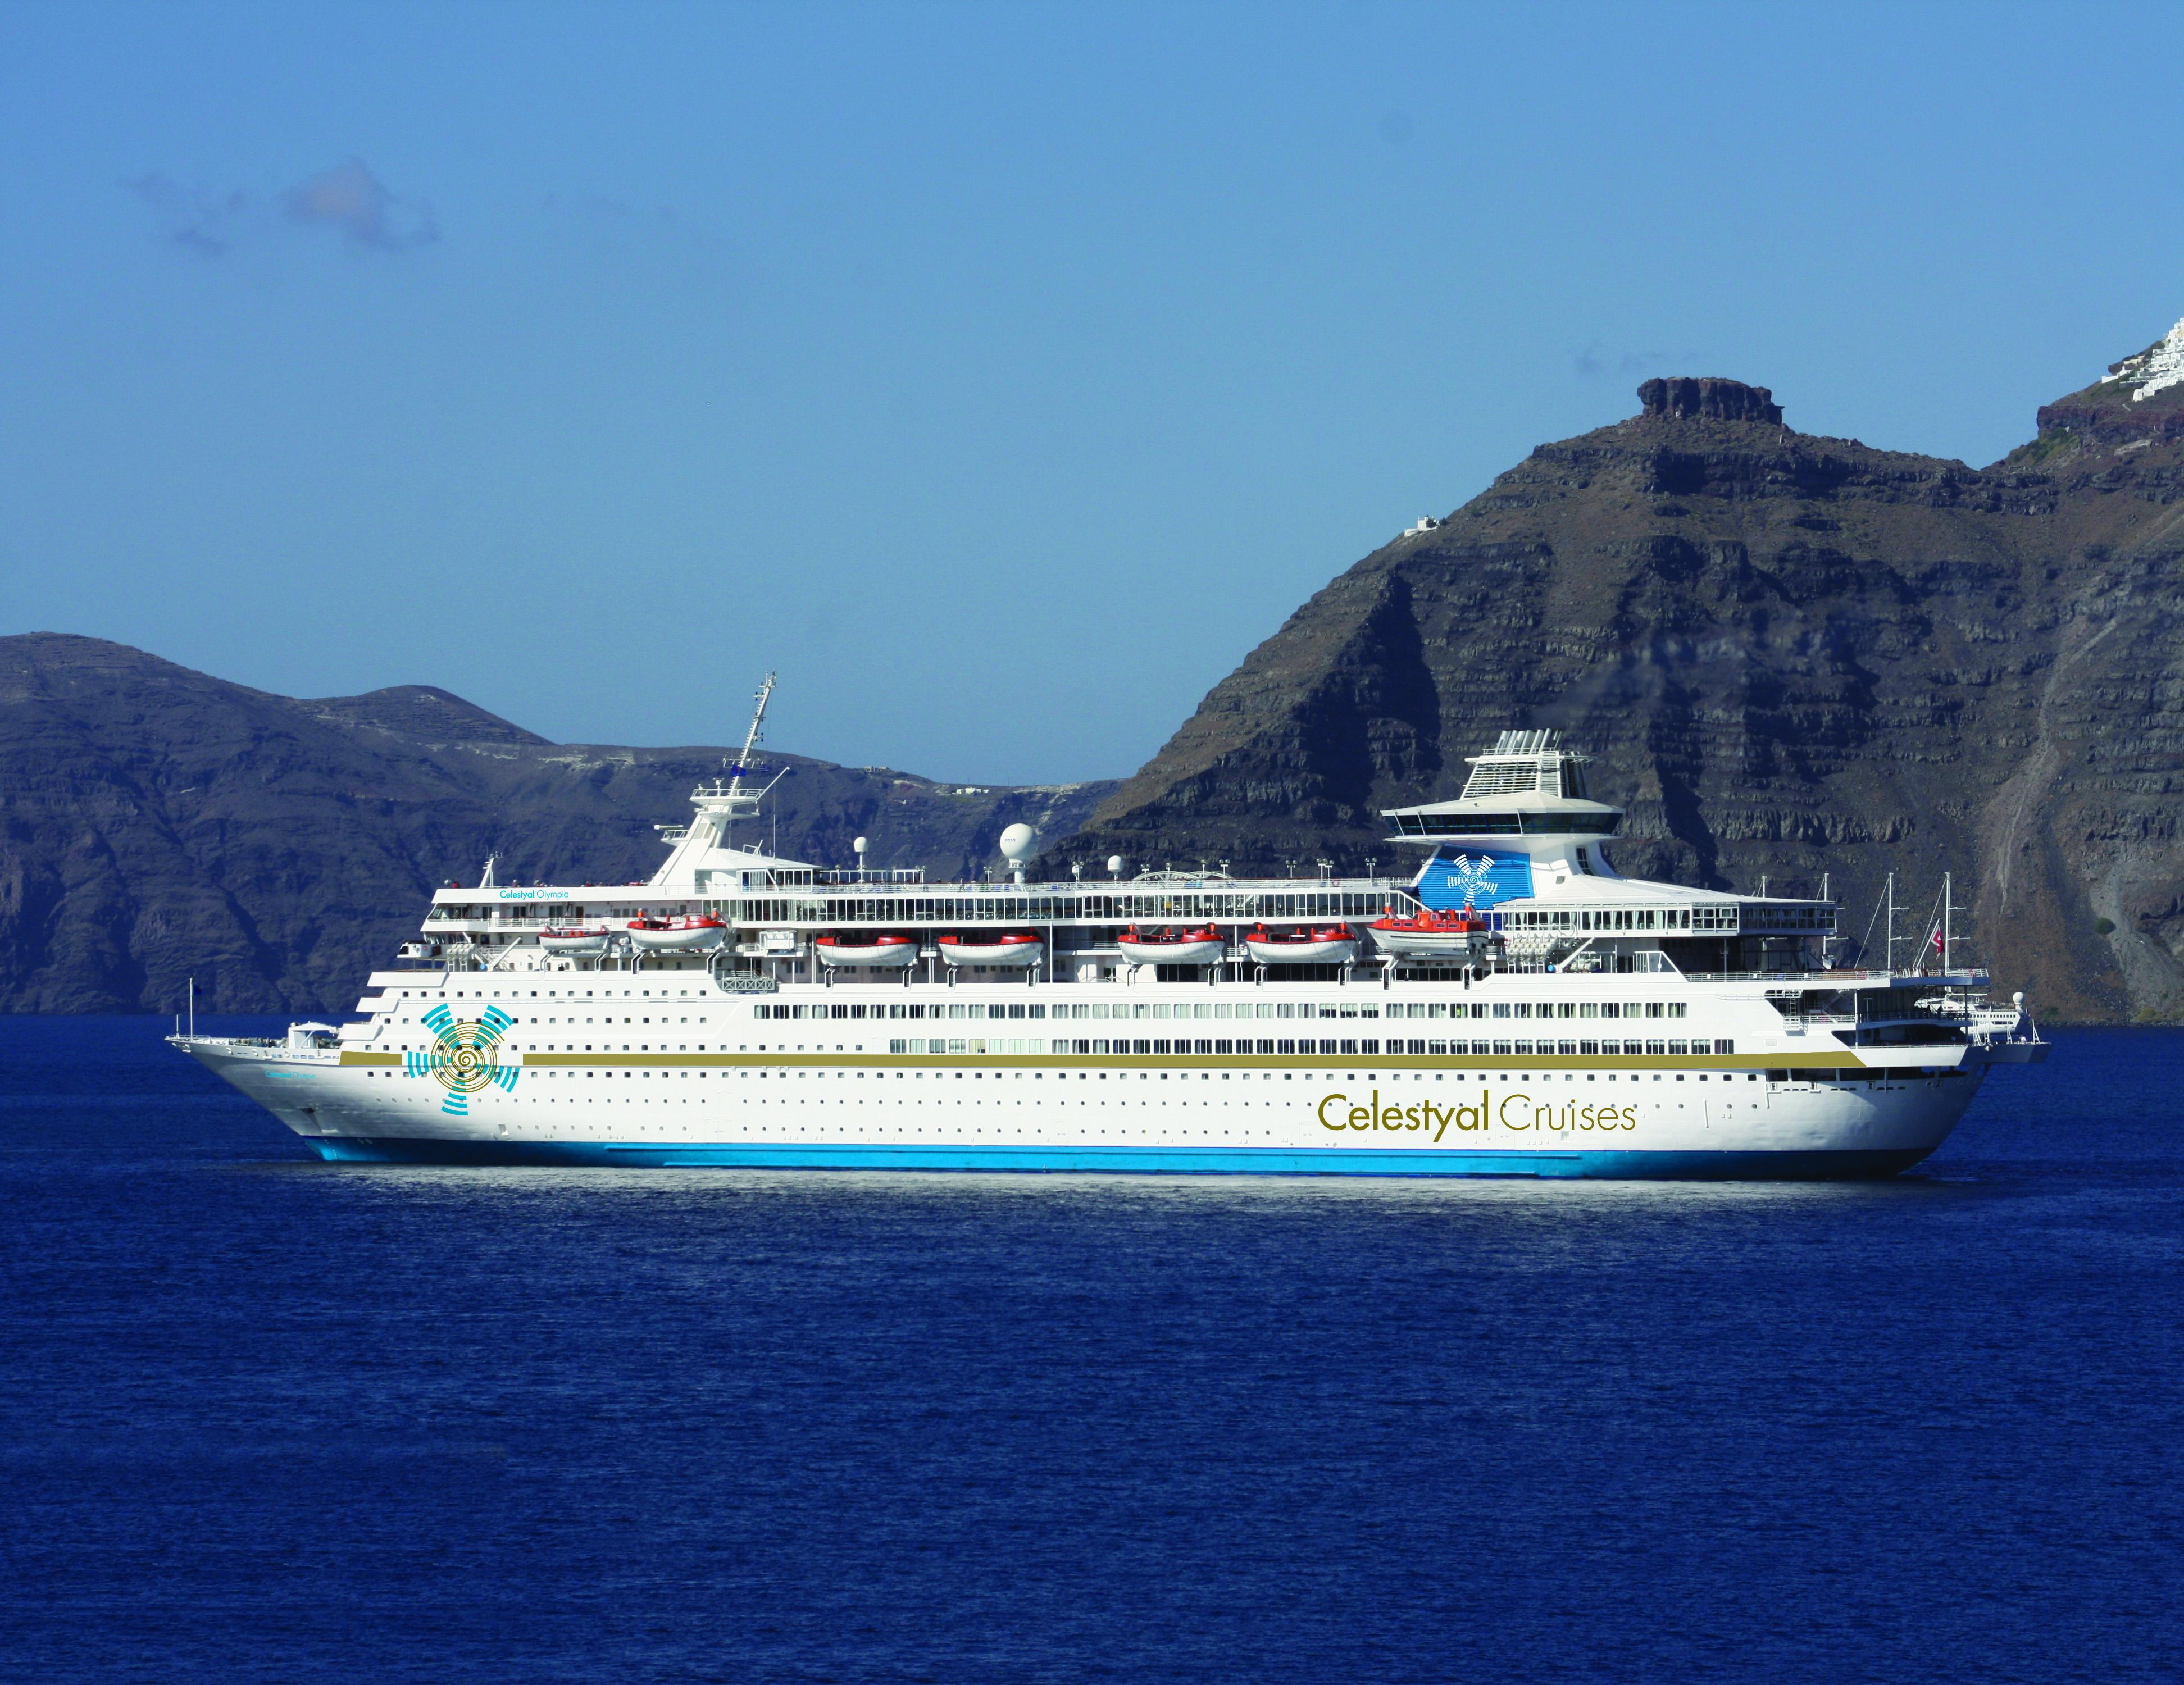 Celestyal Cruises image